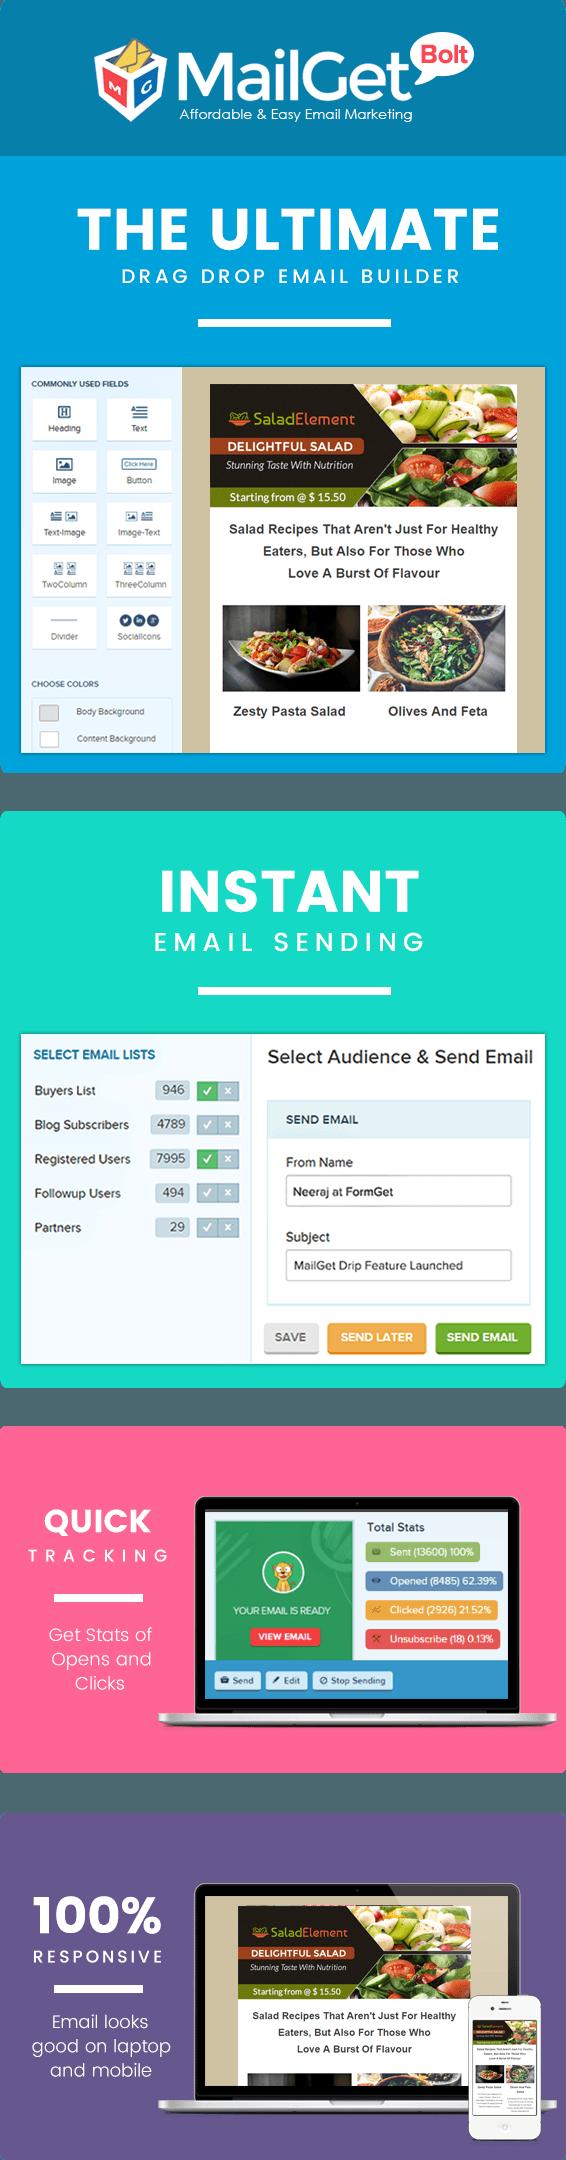 MailGet Bolt - Email Marketing For Salad Ingredients Sale